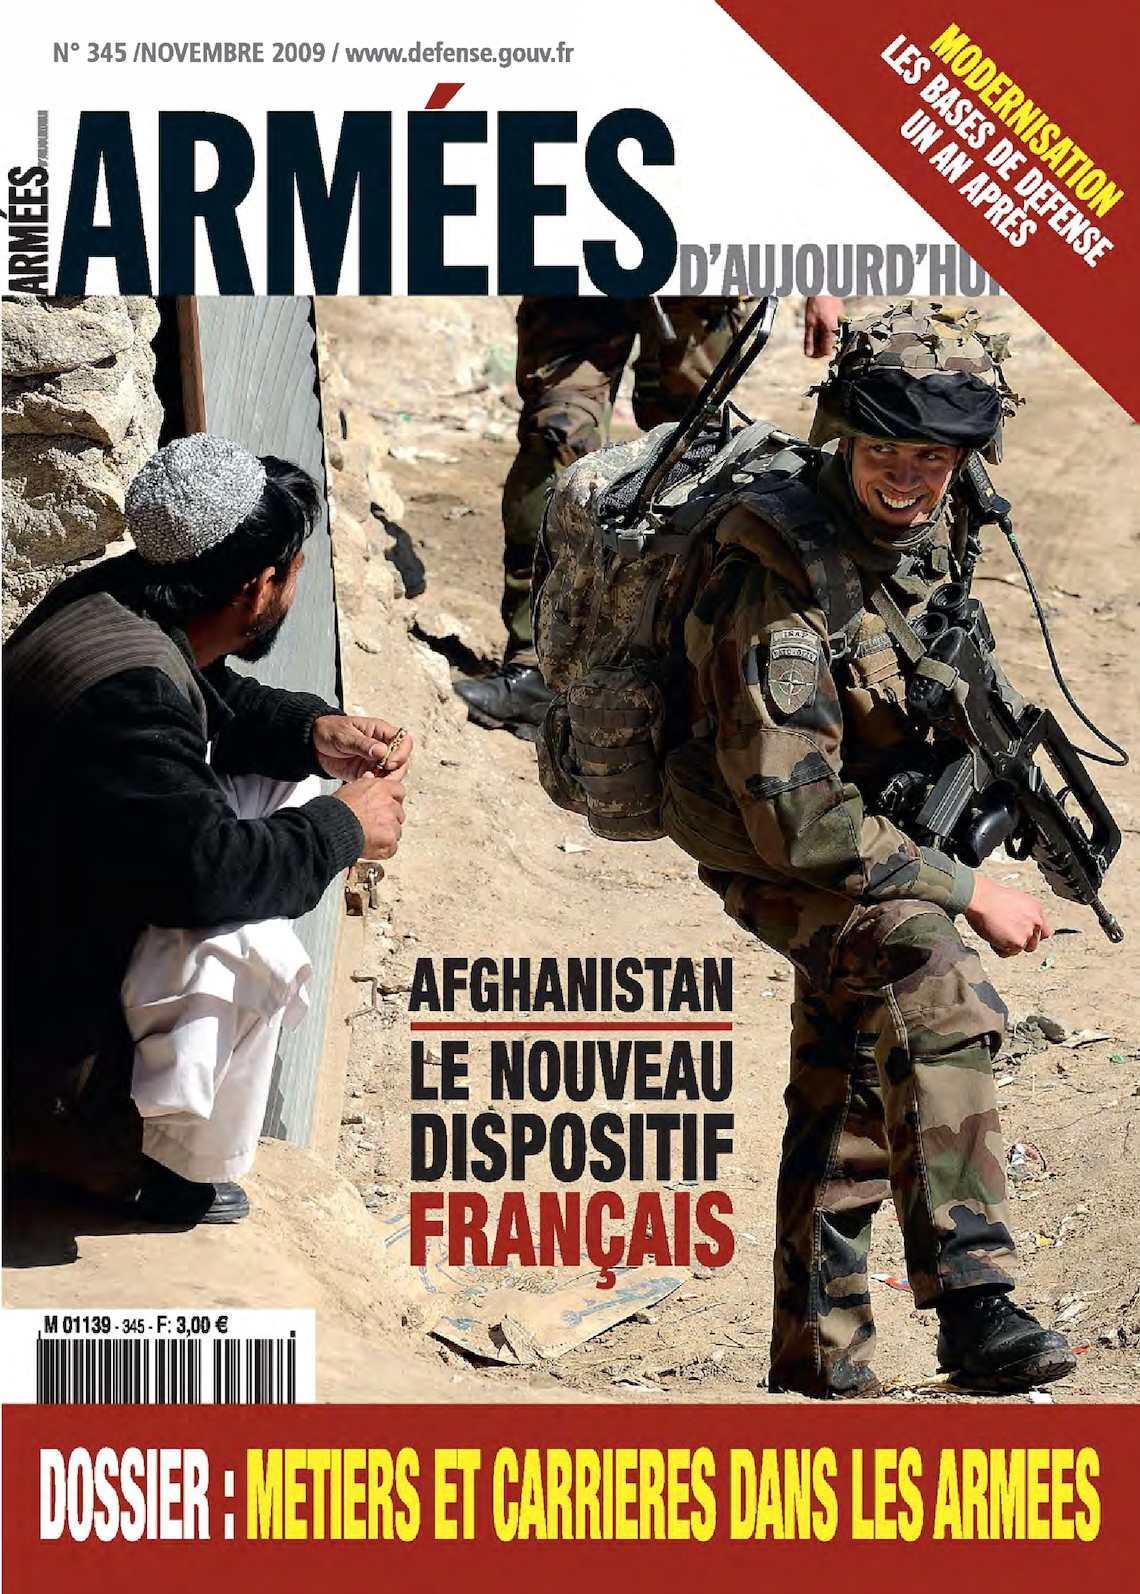 Armées d'Aujourd'hui n° 345 Novembre 2009